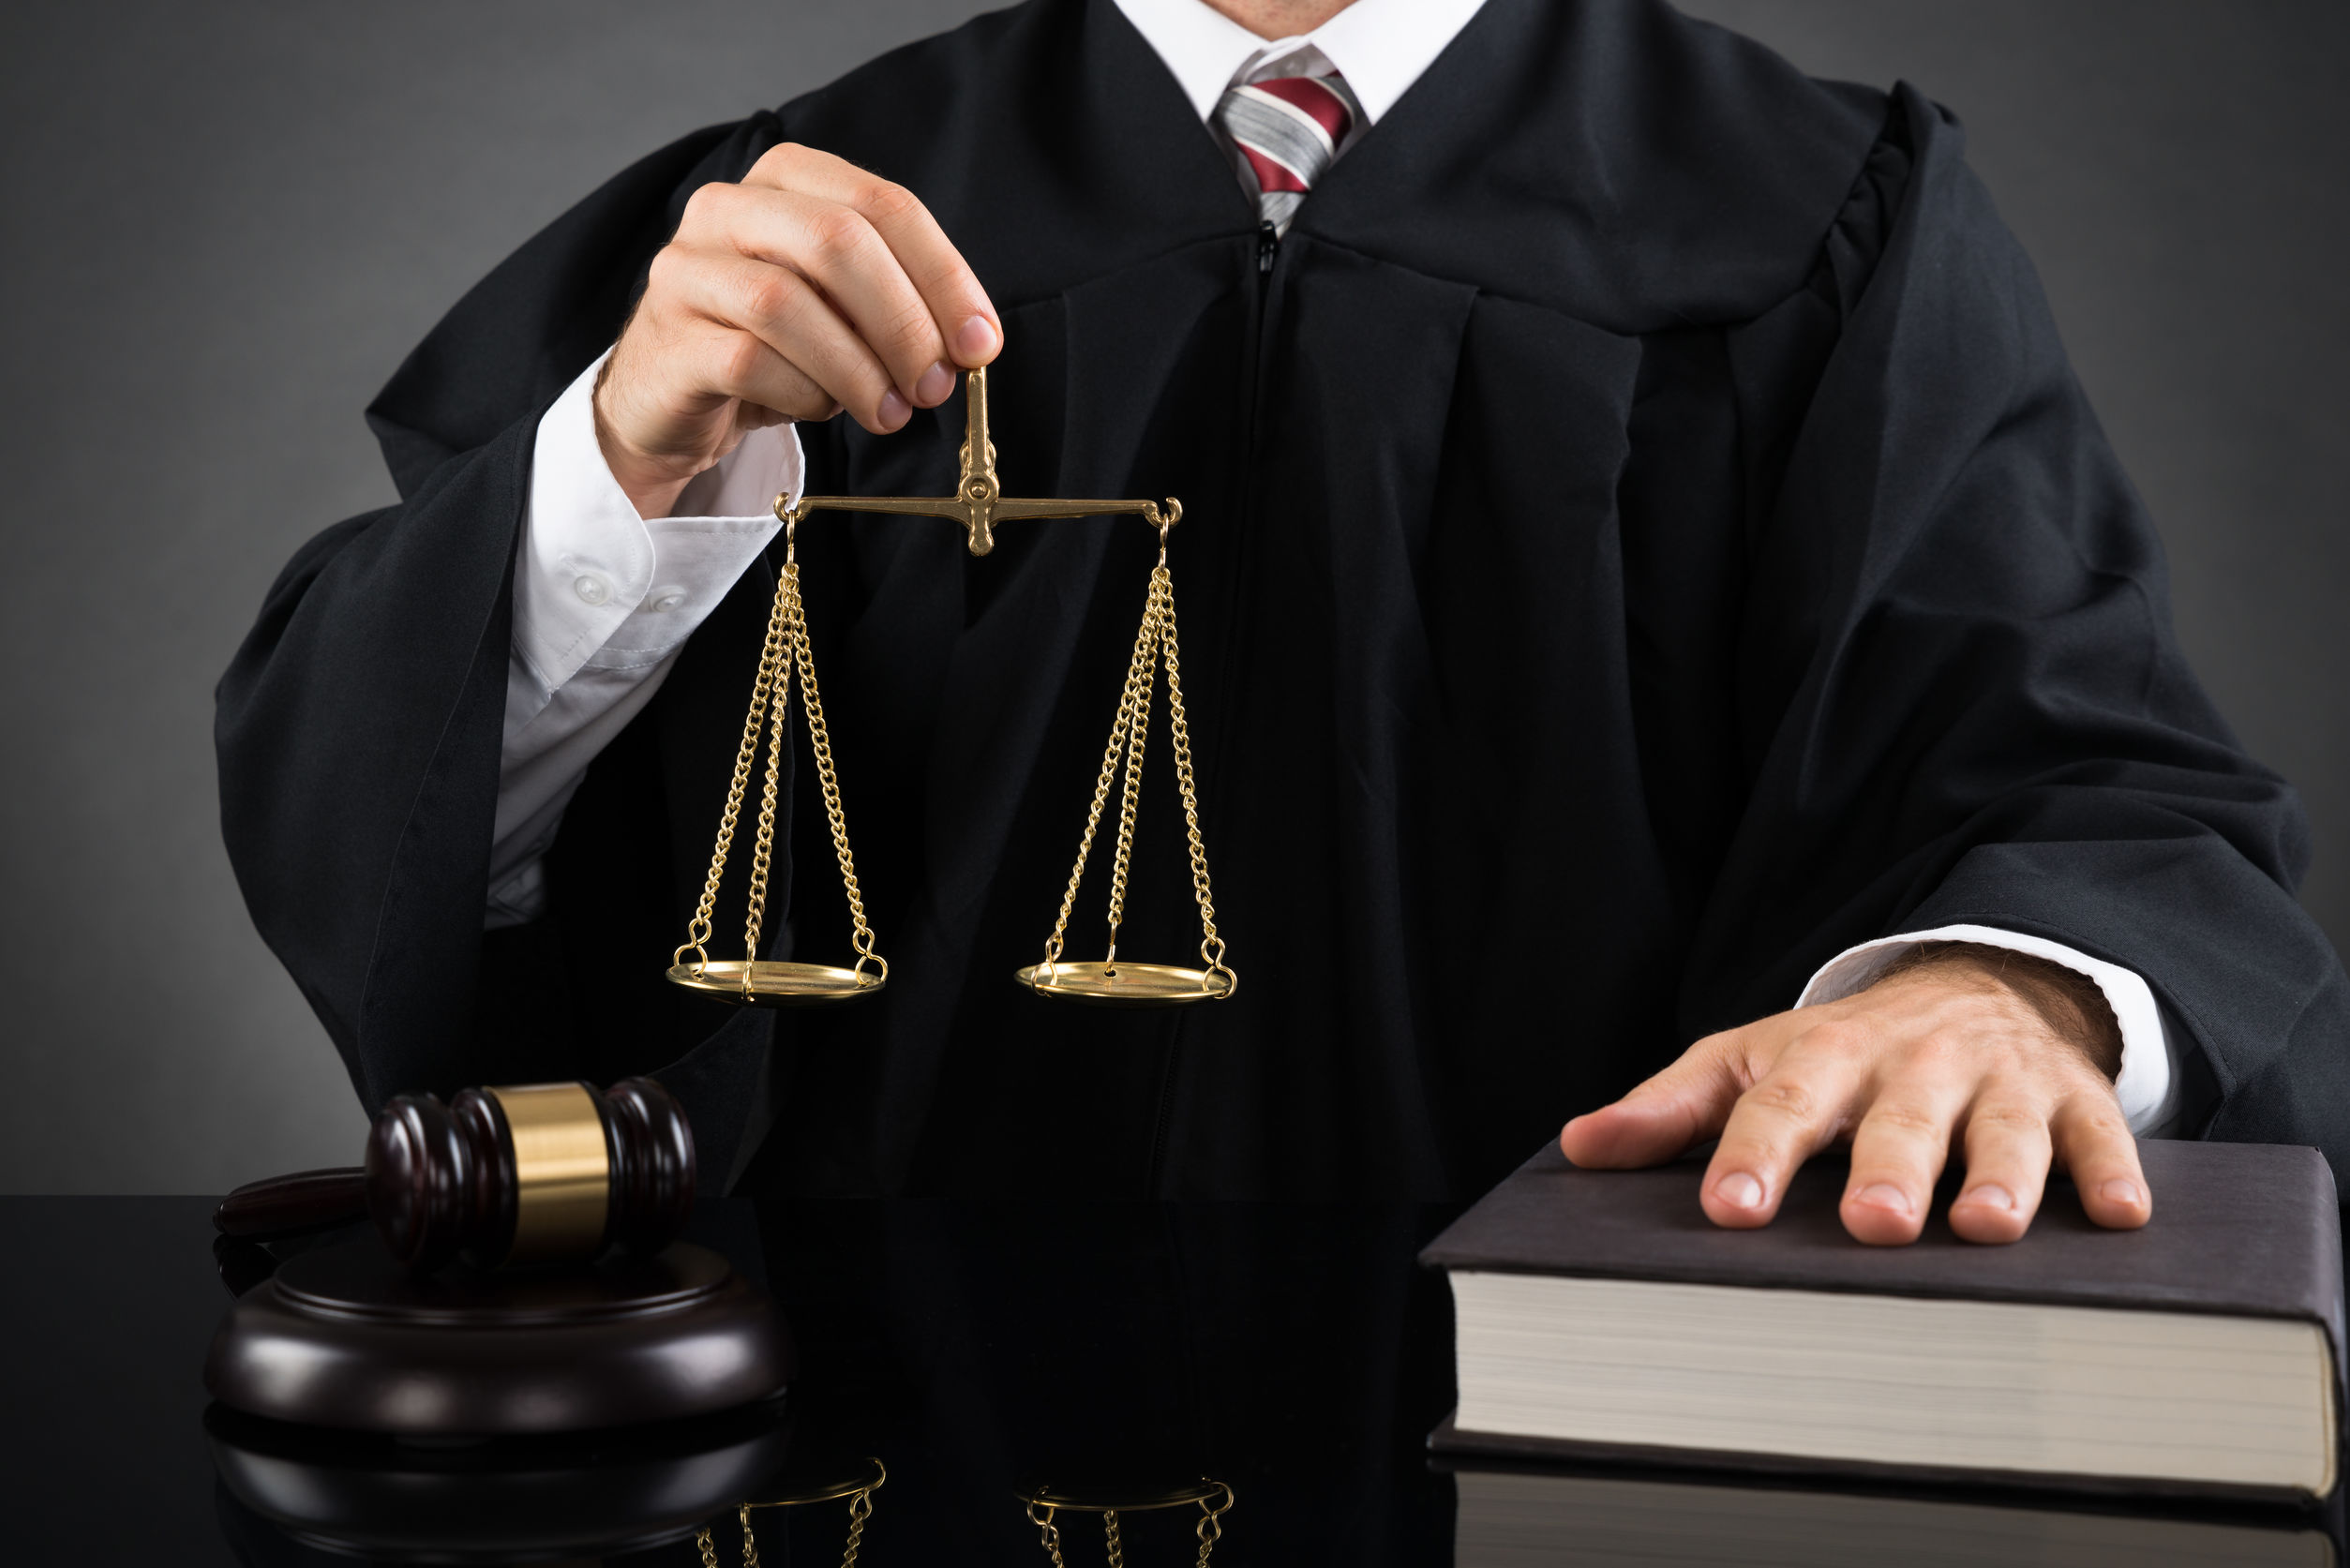 Слідчий суддя двічі відмовив у продовженні запобіжного заходу